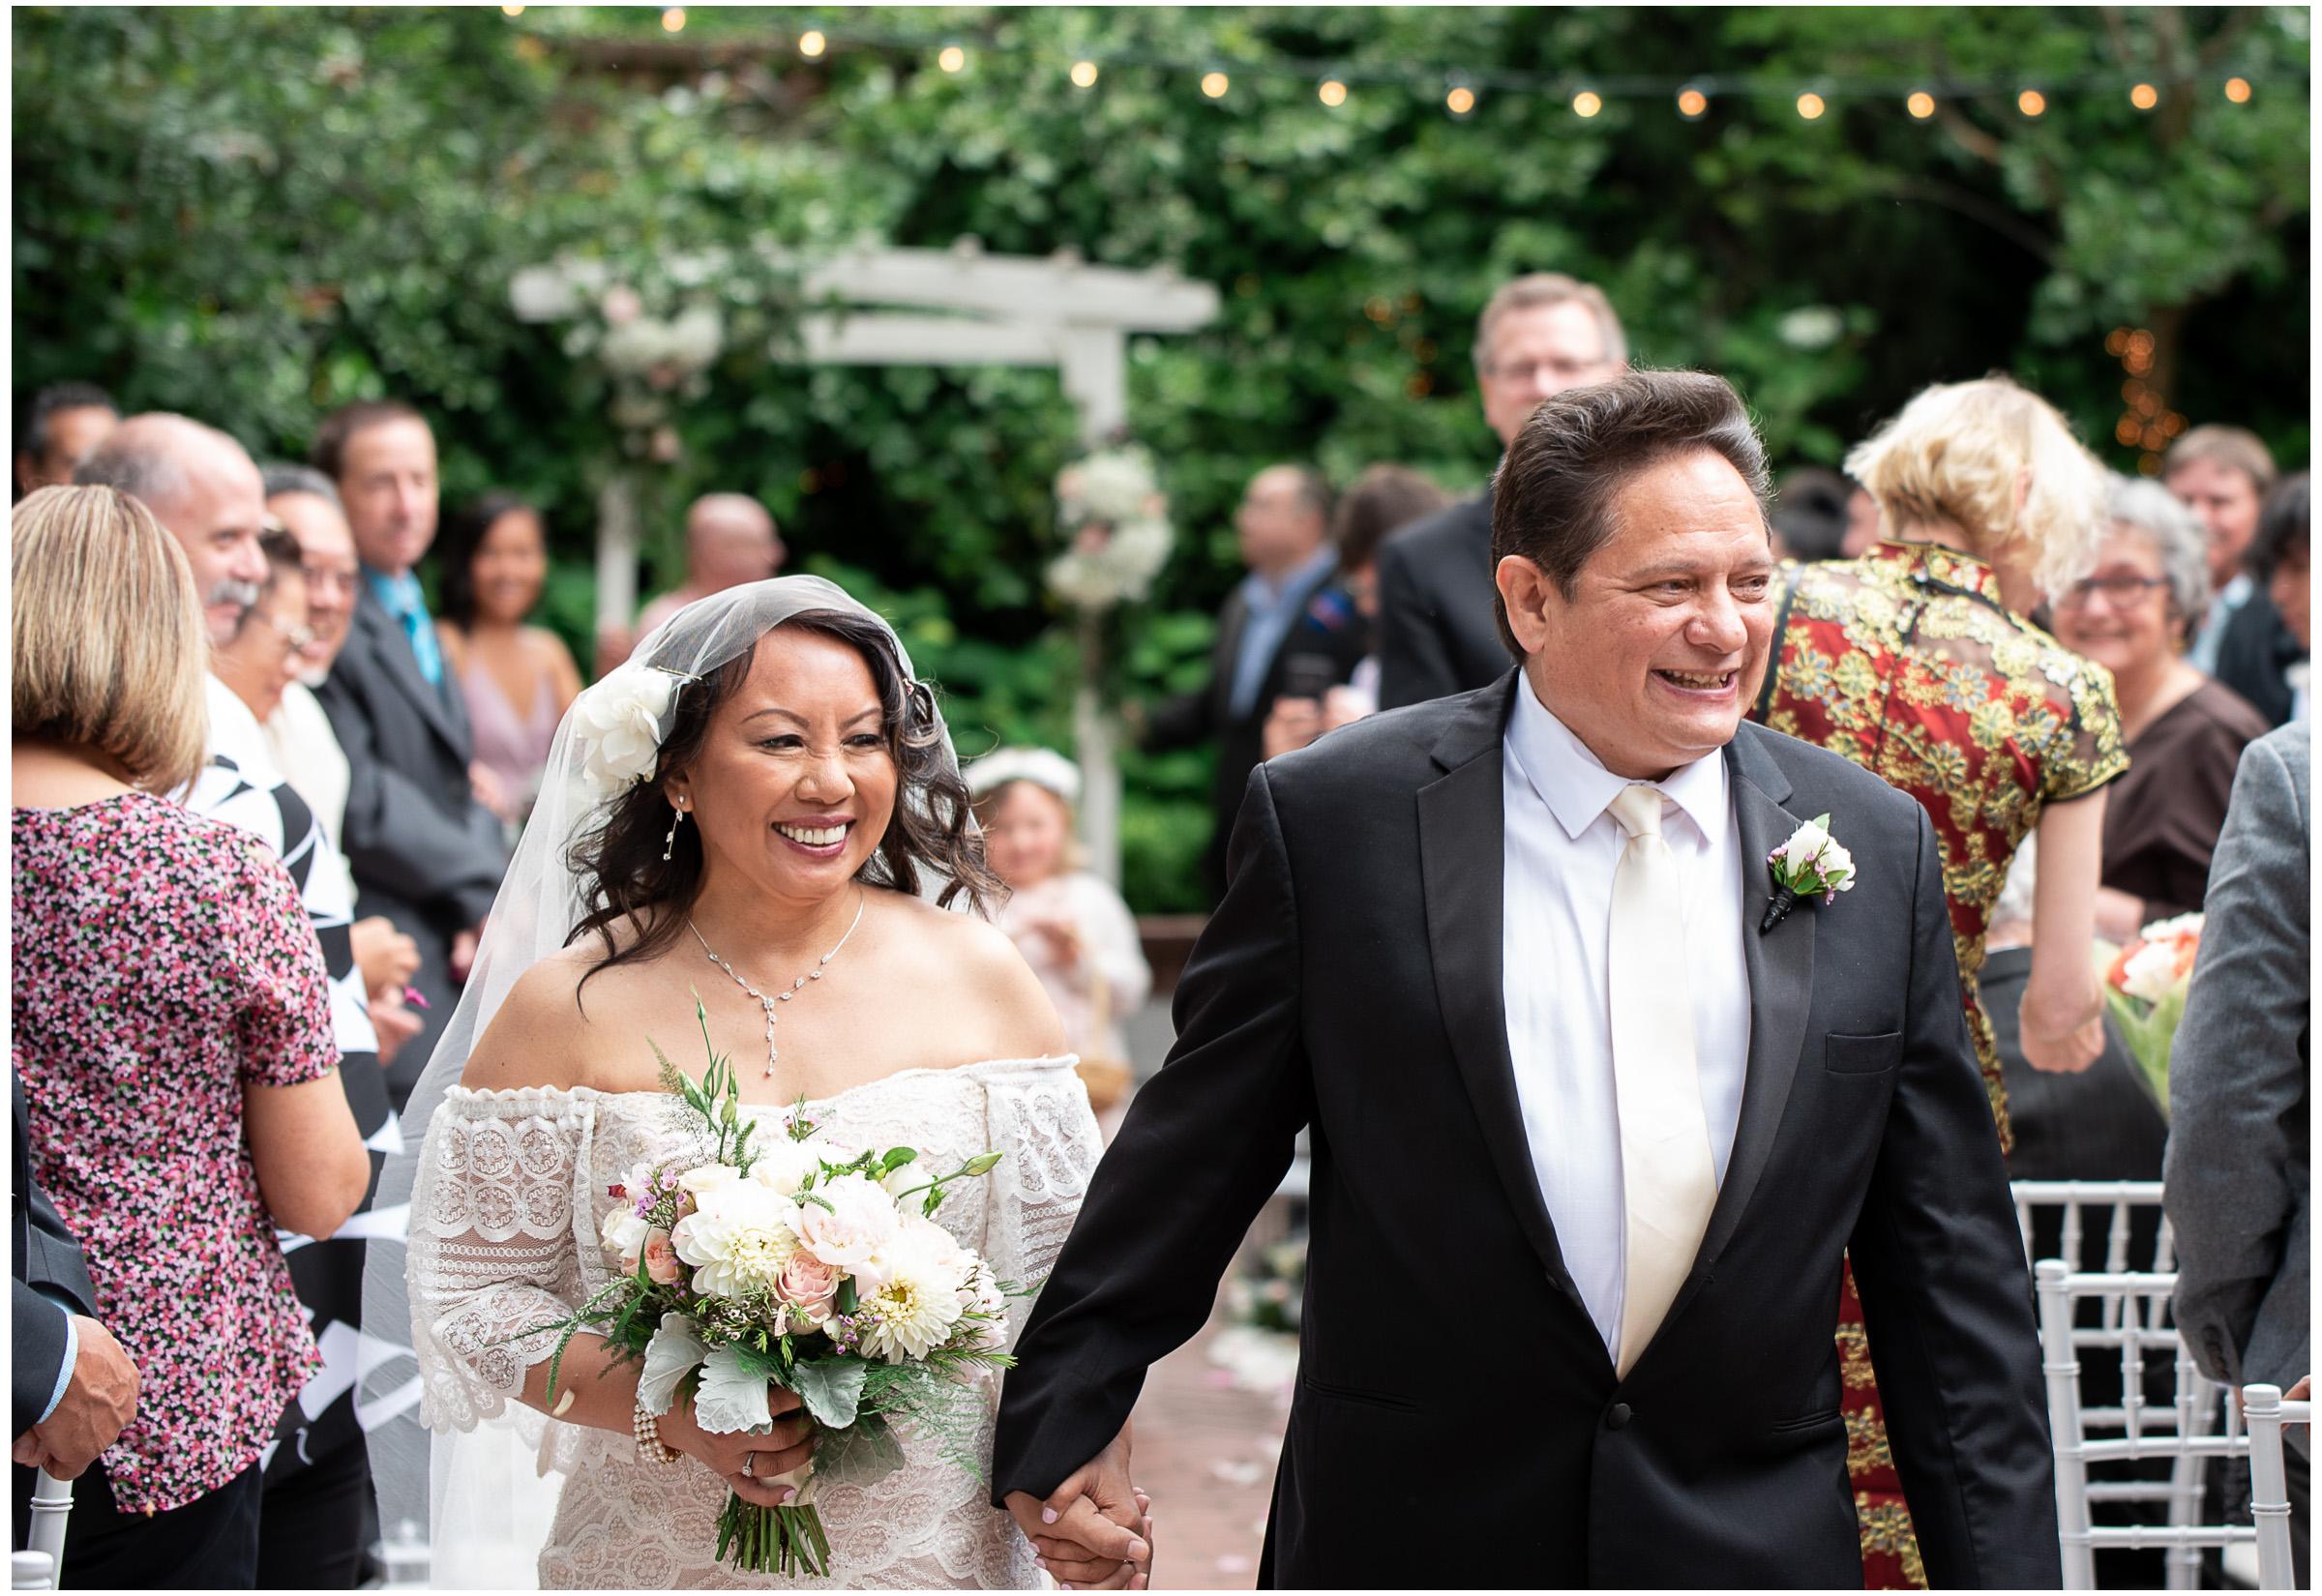 Sacramento Wedding - Sacramento Photographer - Vizcaya - Justin Wilcox Photography - 13.jpg